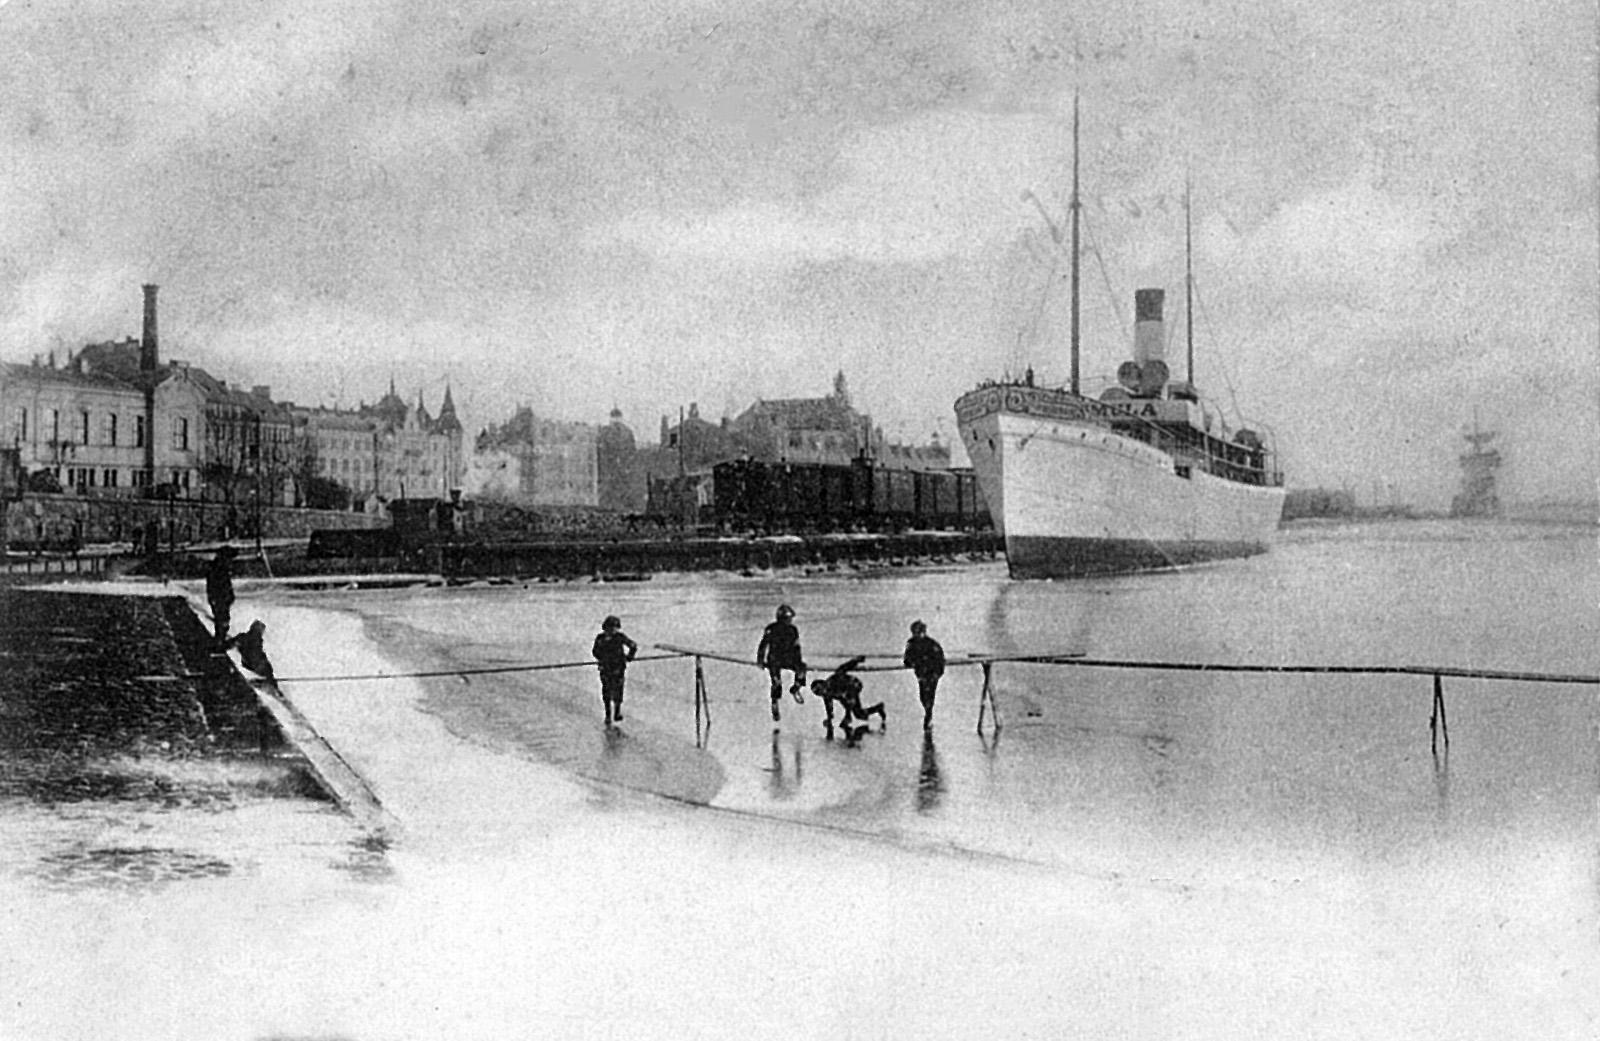 Merellisiä kuvia 1800 luvulta